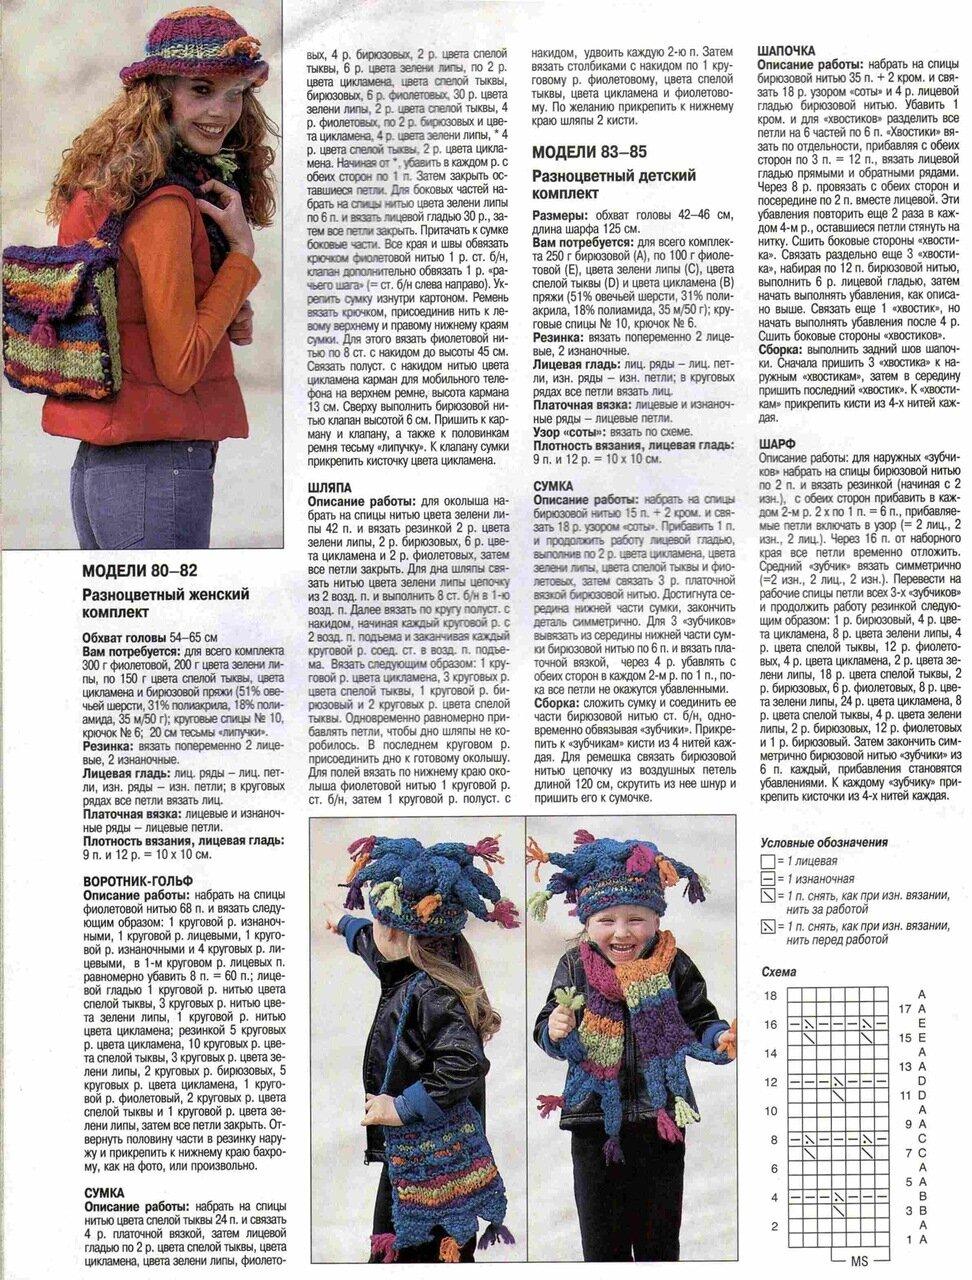 как связать на спицах разноцветные комплекты: воротник, рюкзак, шляпа и шапка шута, сумка, шарф - описание